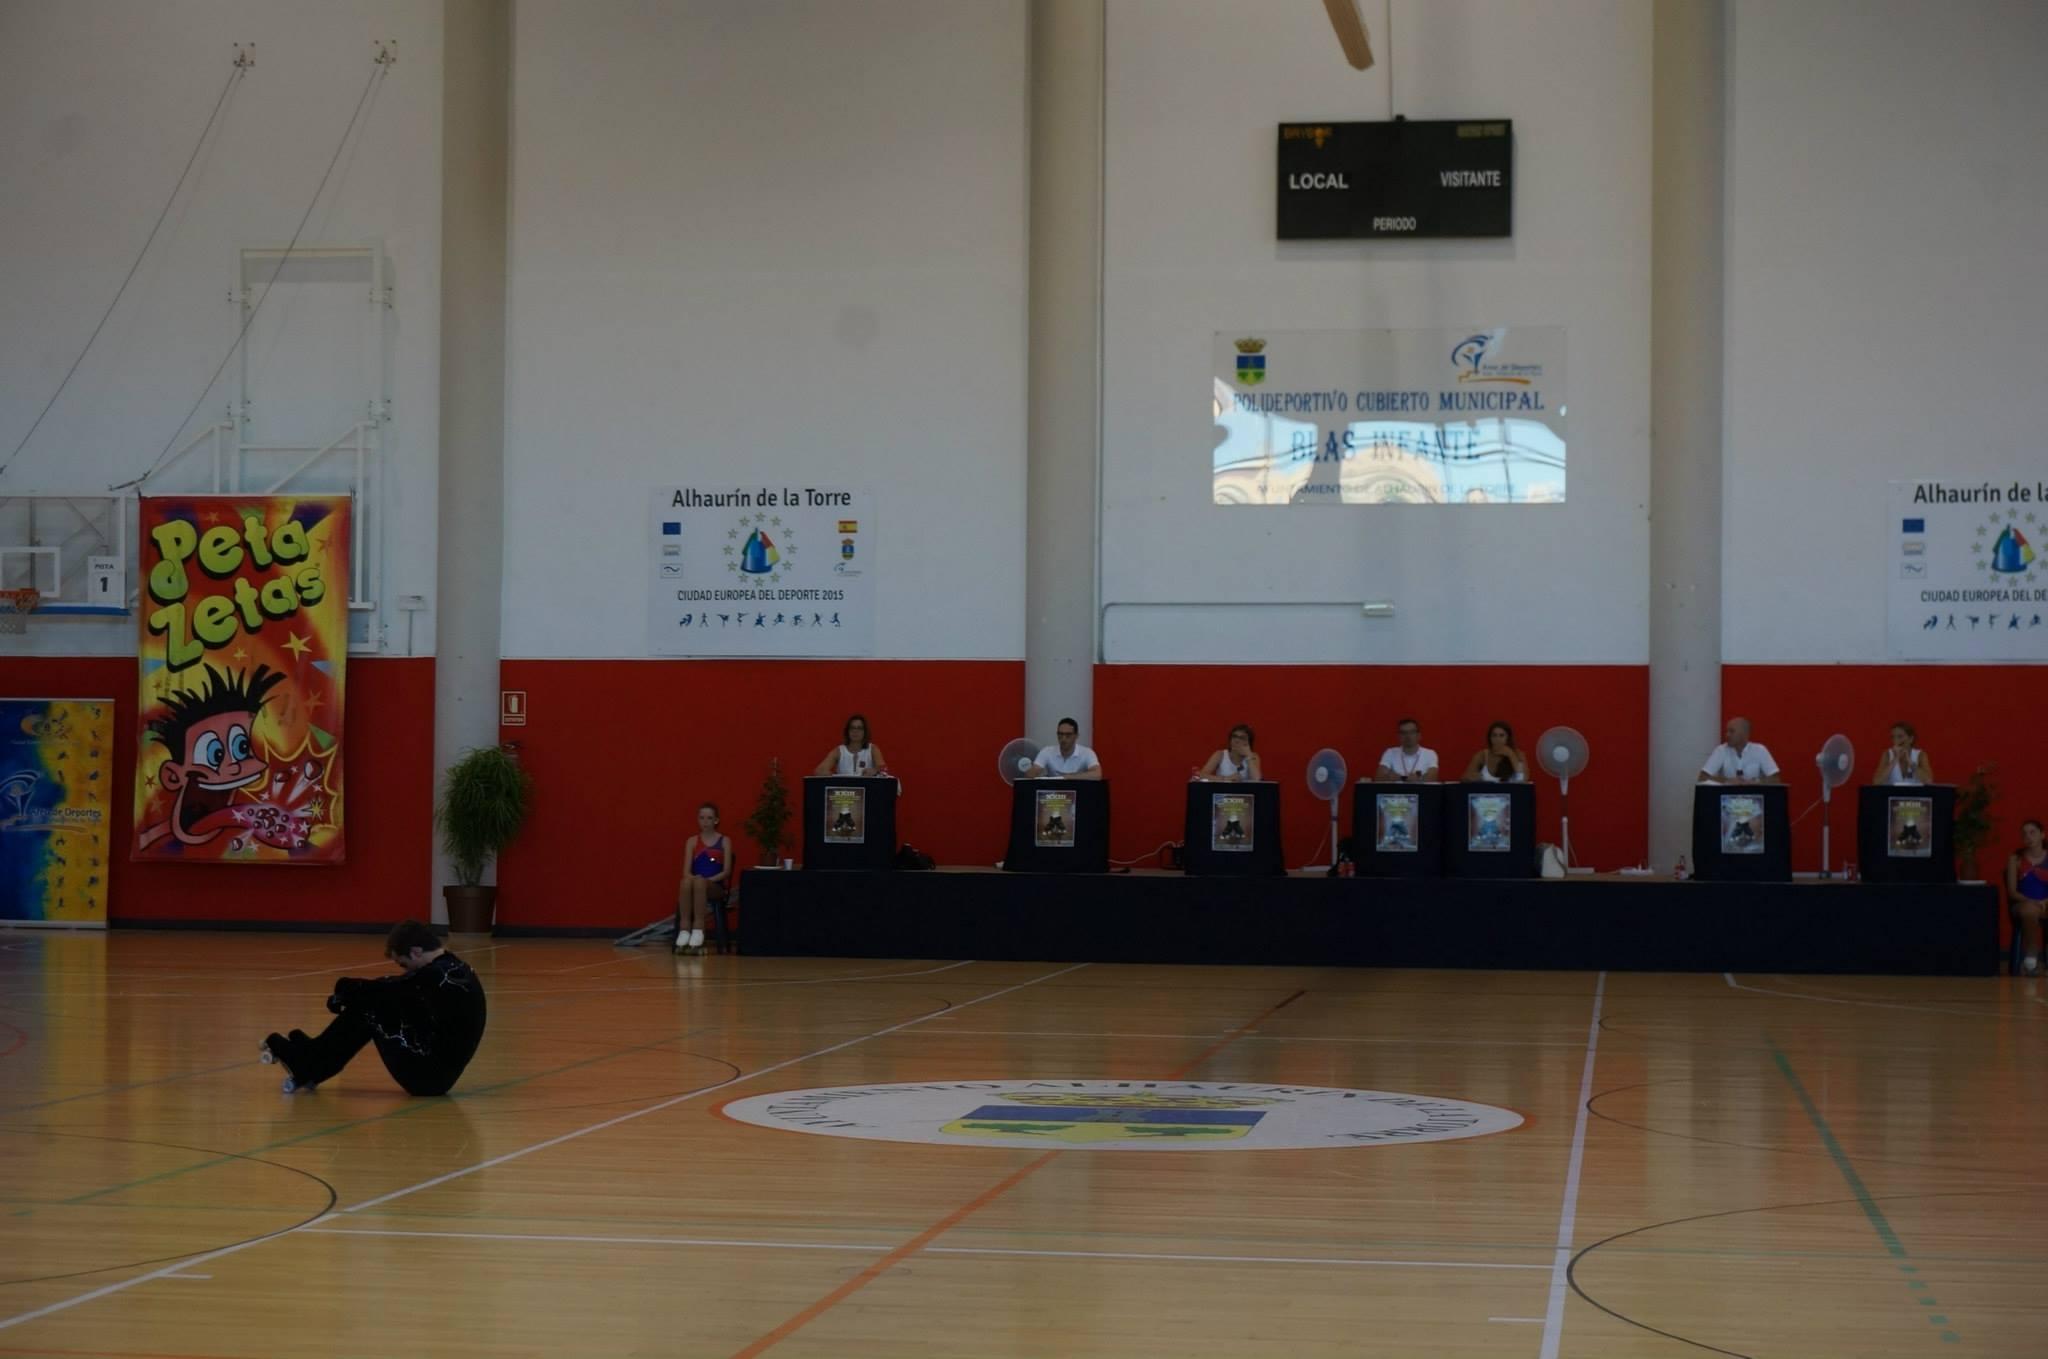 Peta zetas con el campeonato de España de patinaje